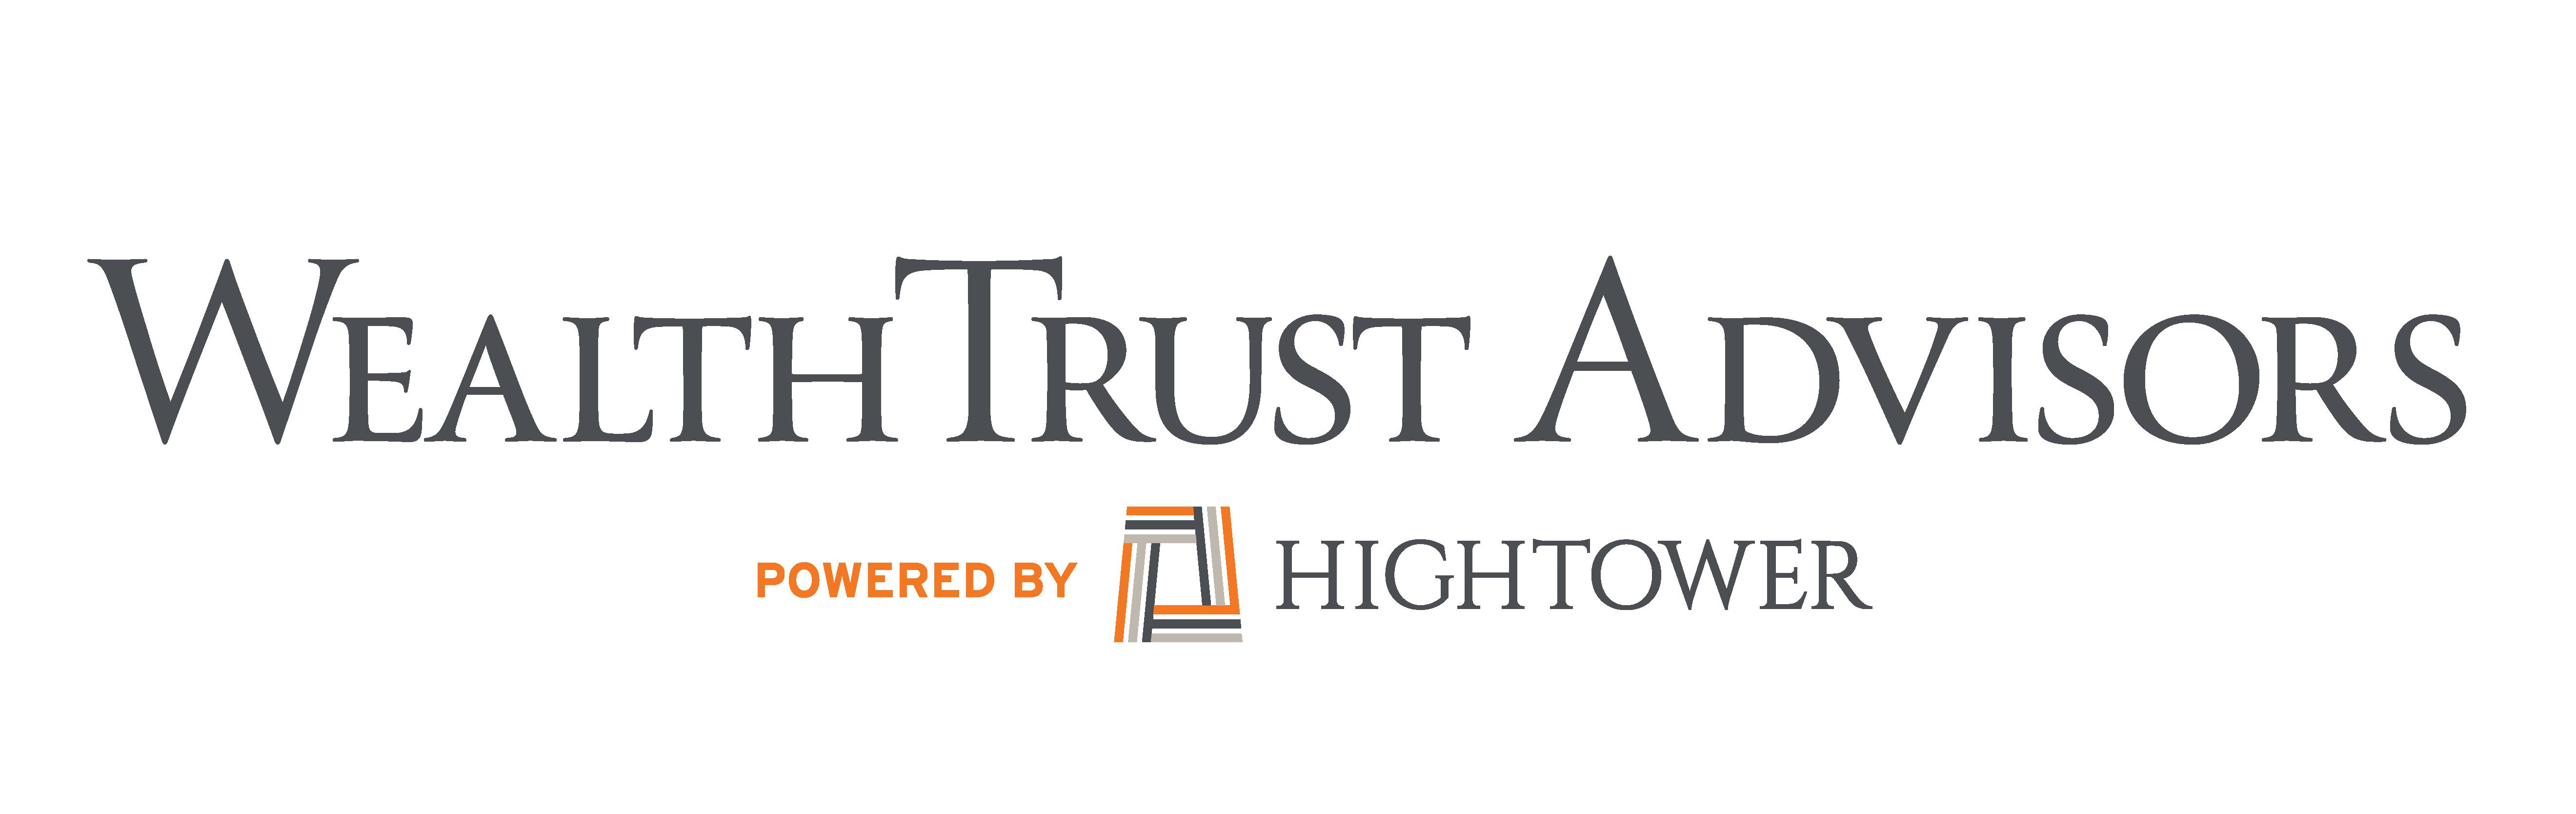 WealthTrust Advisors Logo